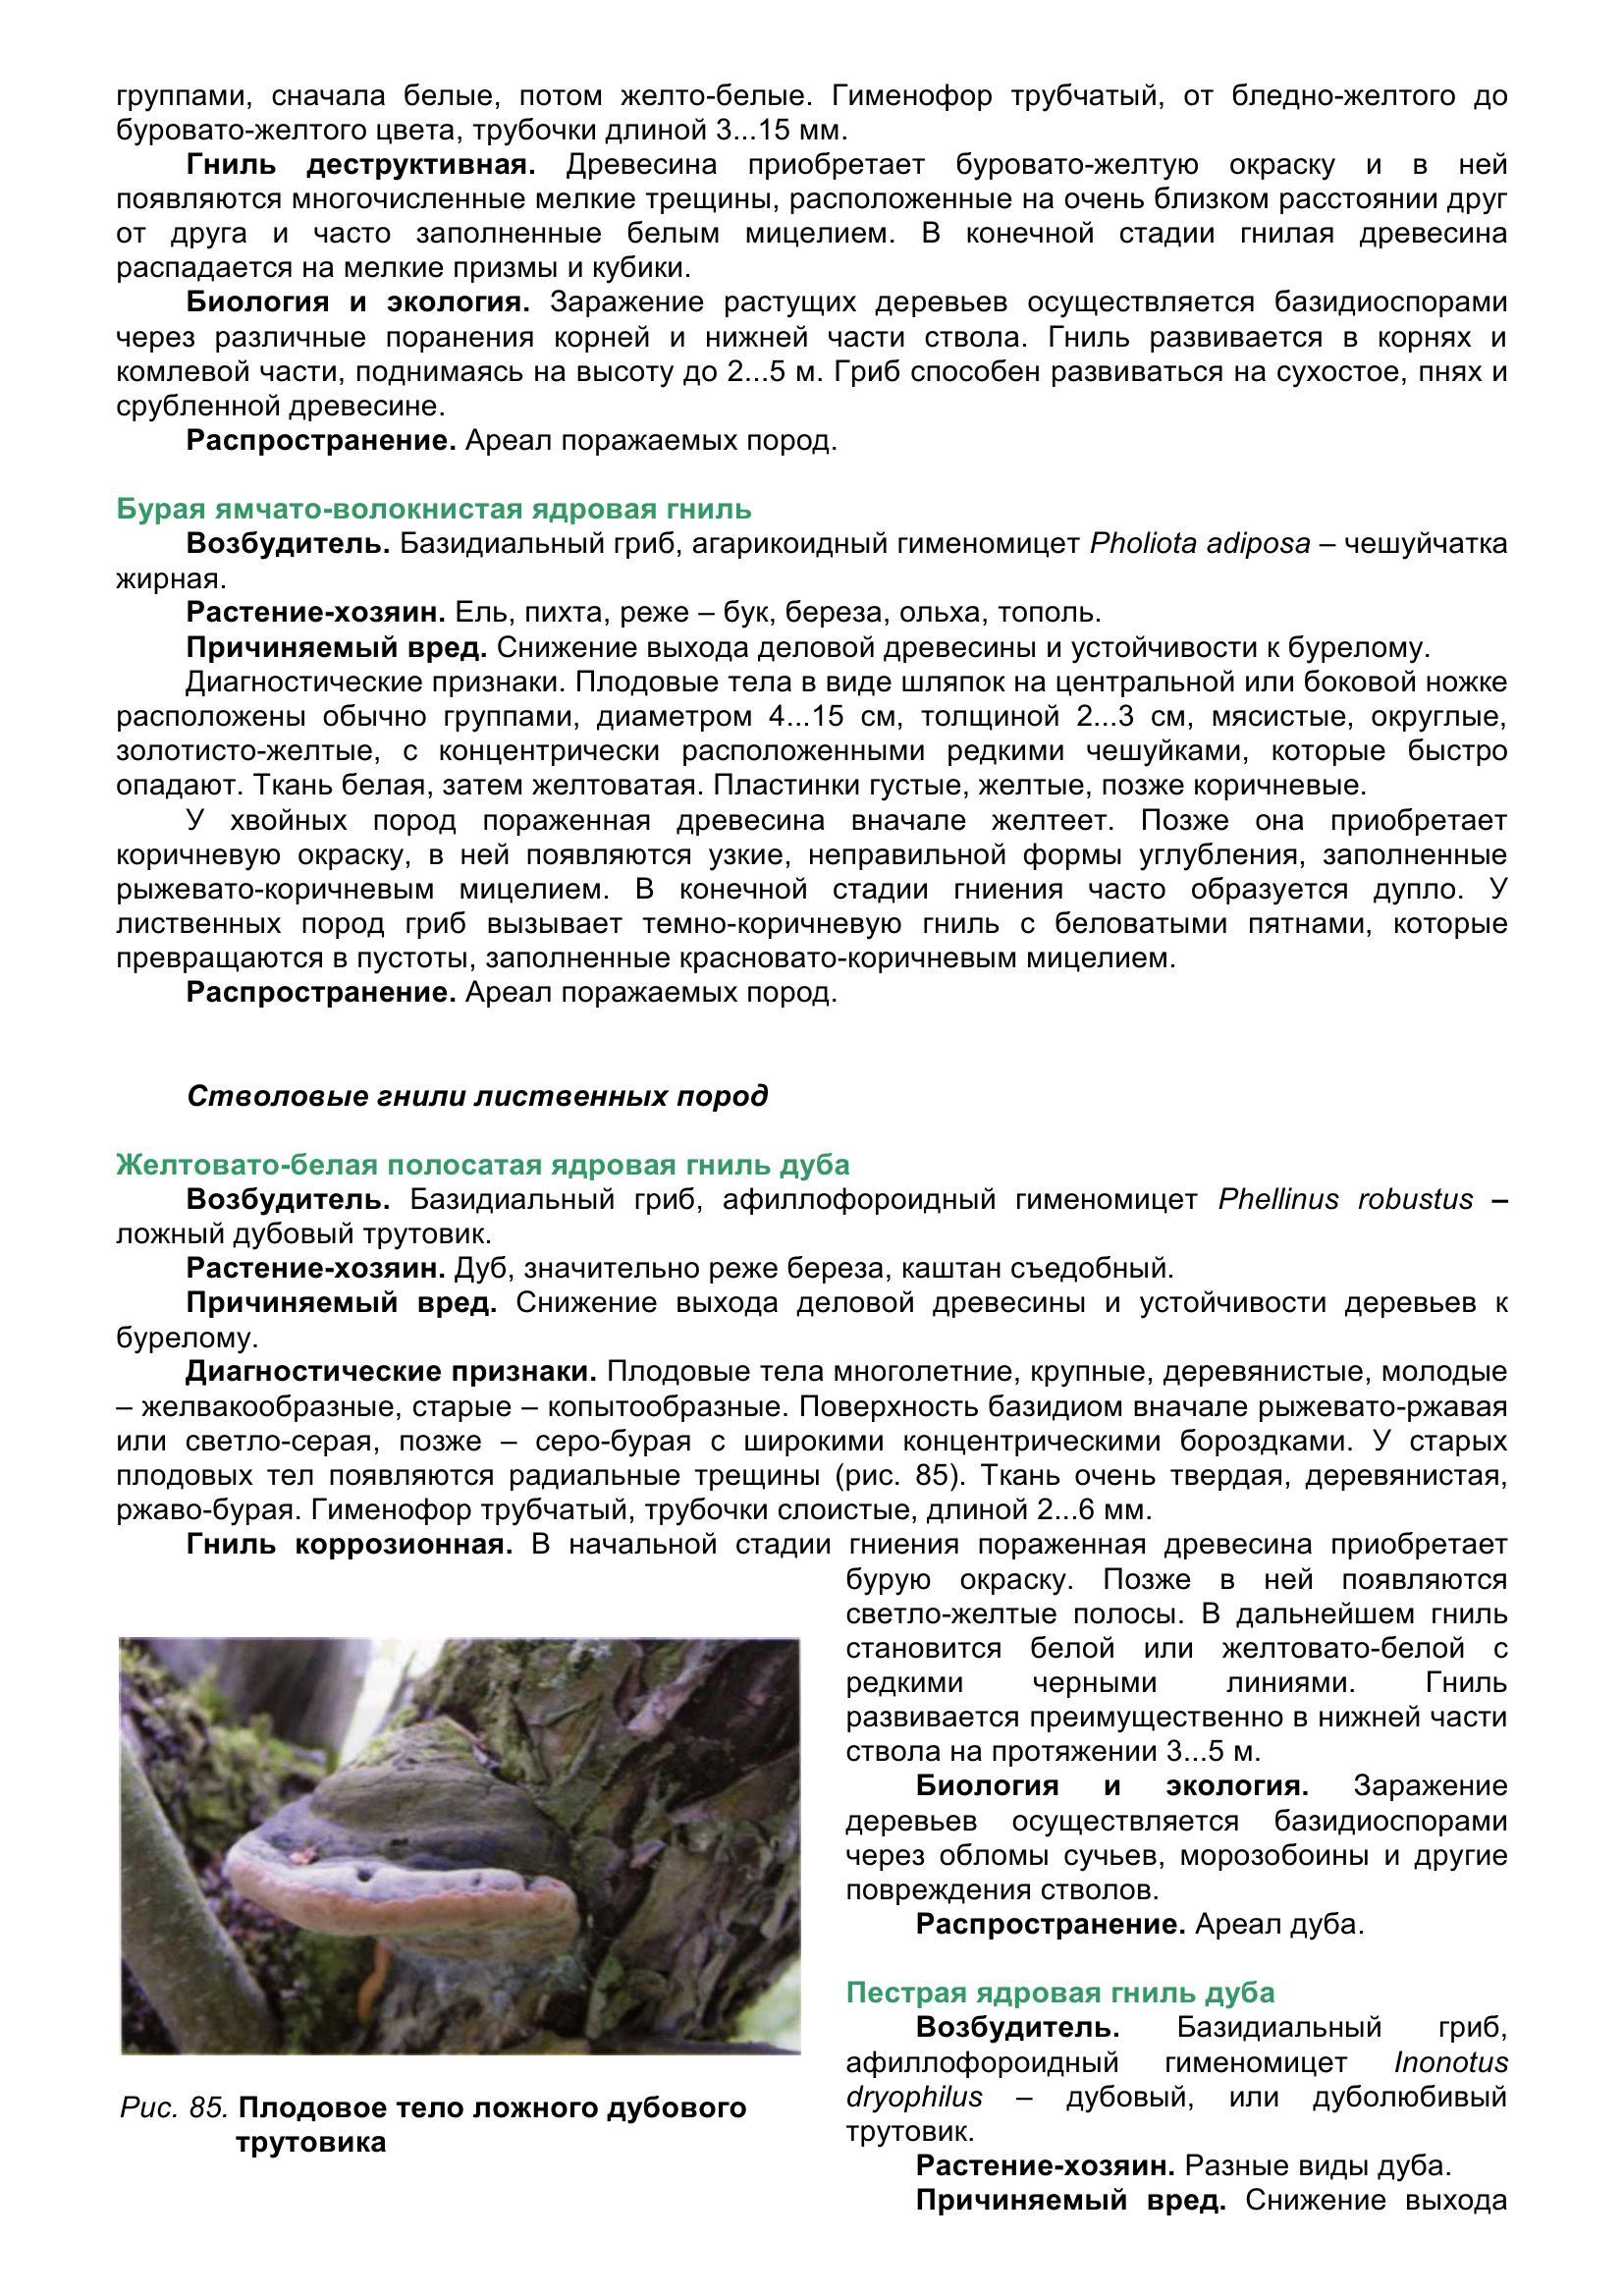 Болезни_древесных_растений_096.jpg